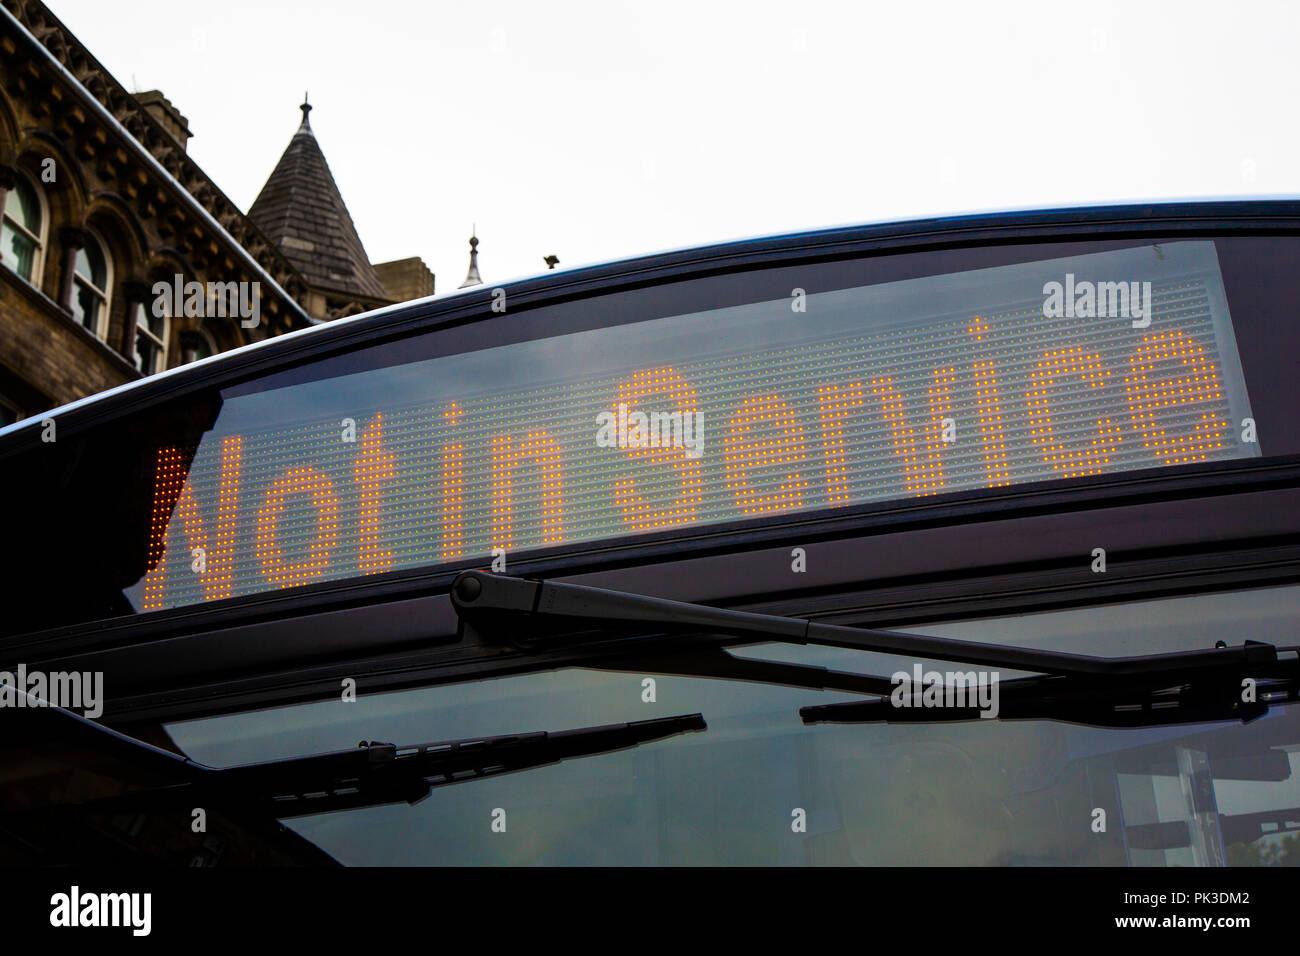 Pas un service à destination LED Enseigne sur un bus unique de Volvo à Huddersfield, West Yorkshire, Angleterre Photo Stock